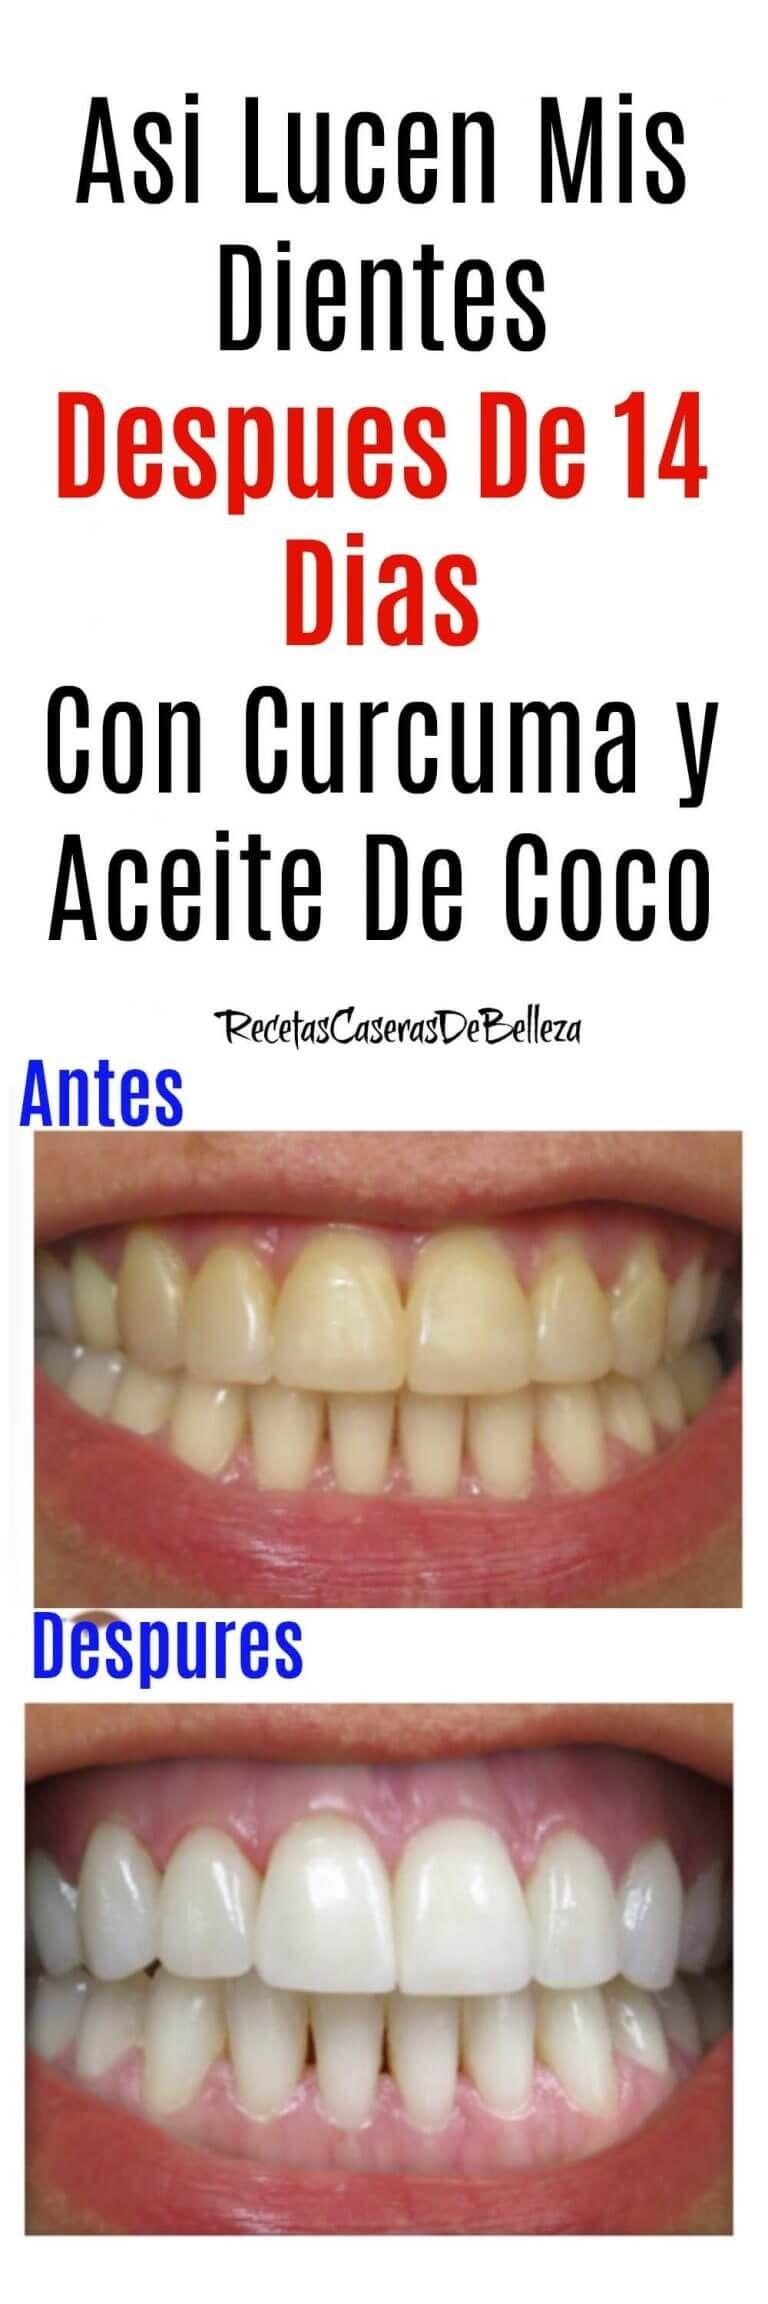 Cómo Conseguir Dientes Más Blancos En Casa Dientes Mas Blancos Blanqueamiento Dental Productos De Higiene Bucal